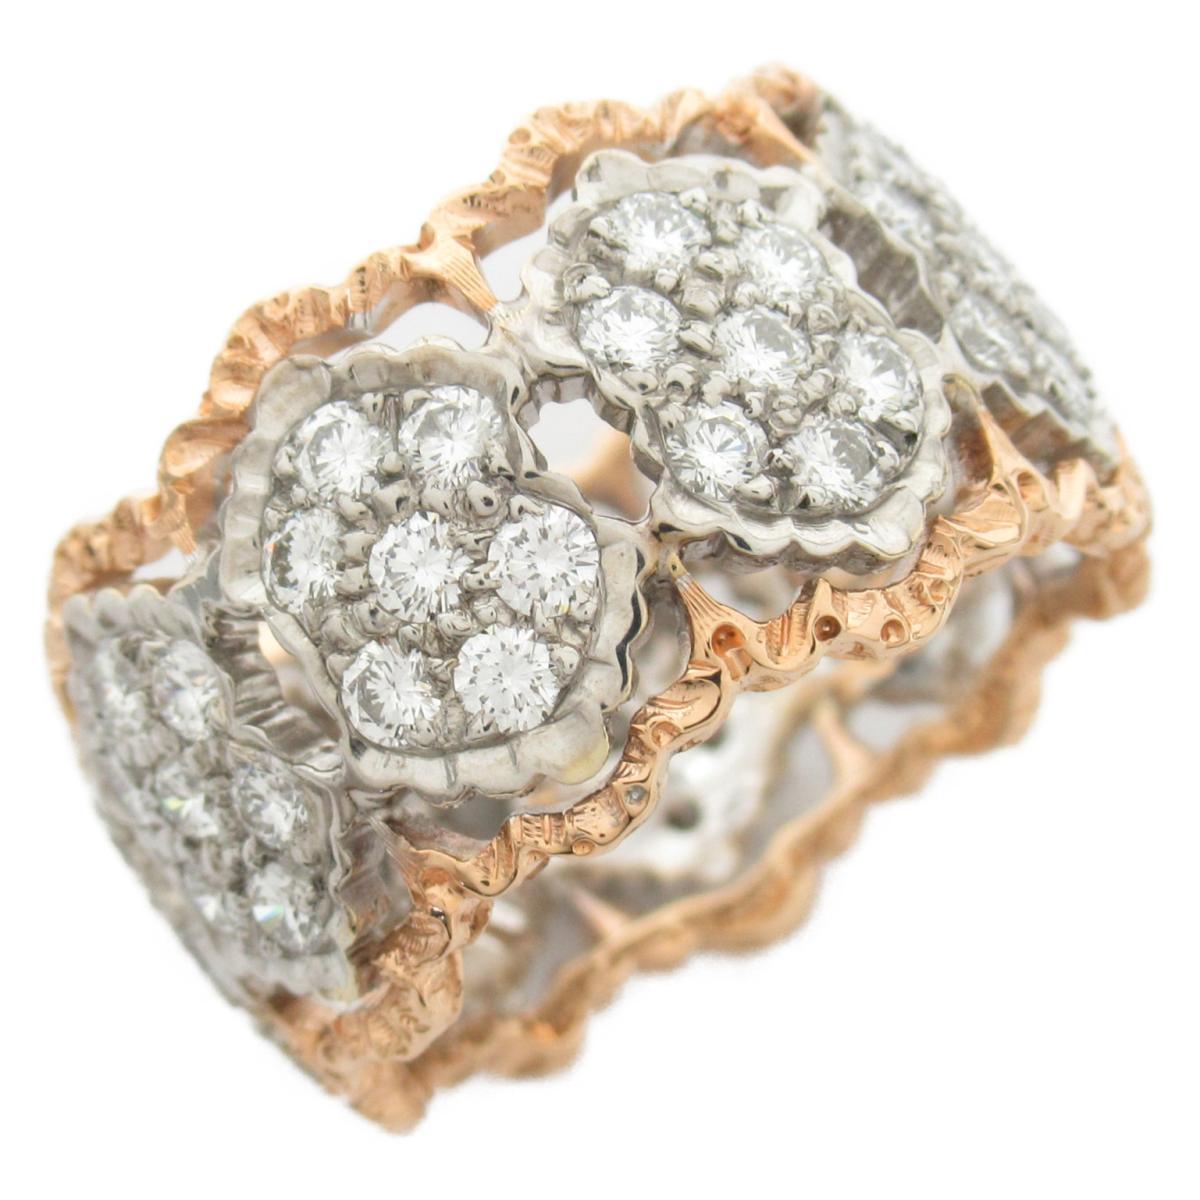 ジュエリー ダイヤモンド リング 指輪 ノーブランドジュエリー レディース 18Kイエローゴールド x 18Kピンクゴールド 【中古】 | JEWELRY BRANDOFF ブランドオフ アクセサリー